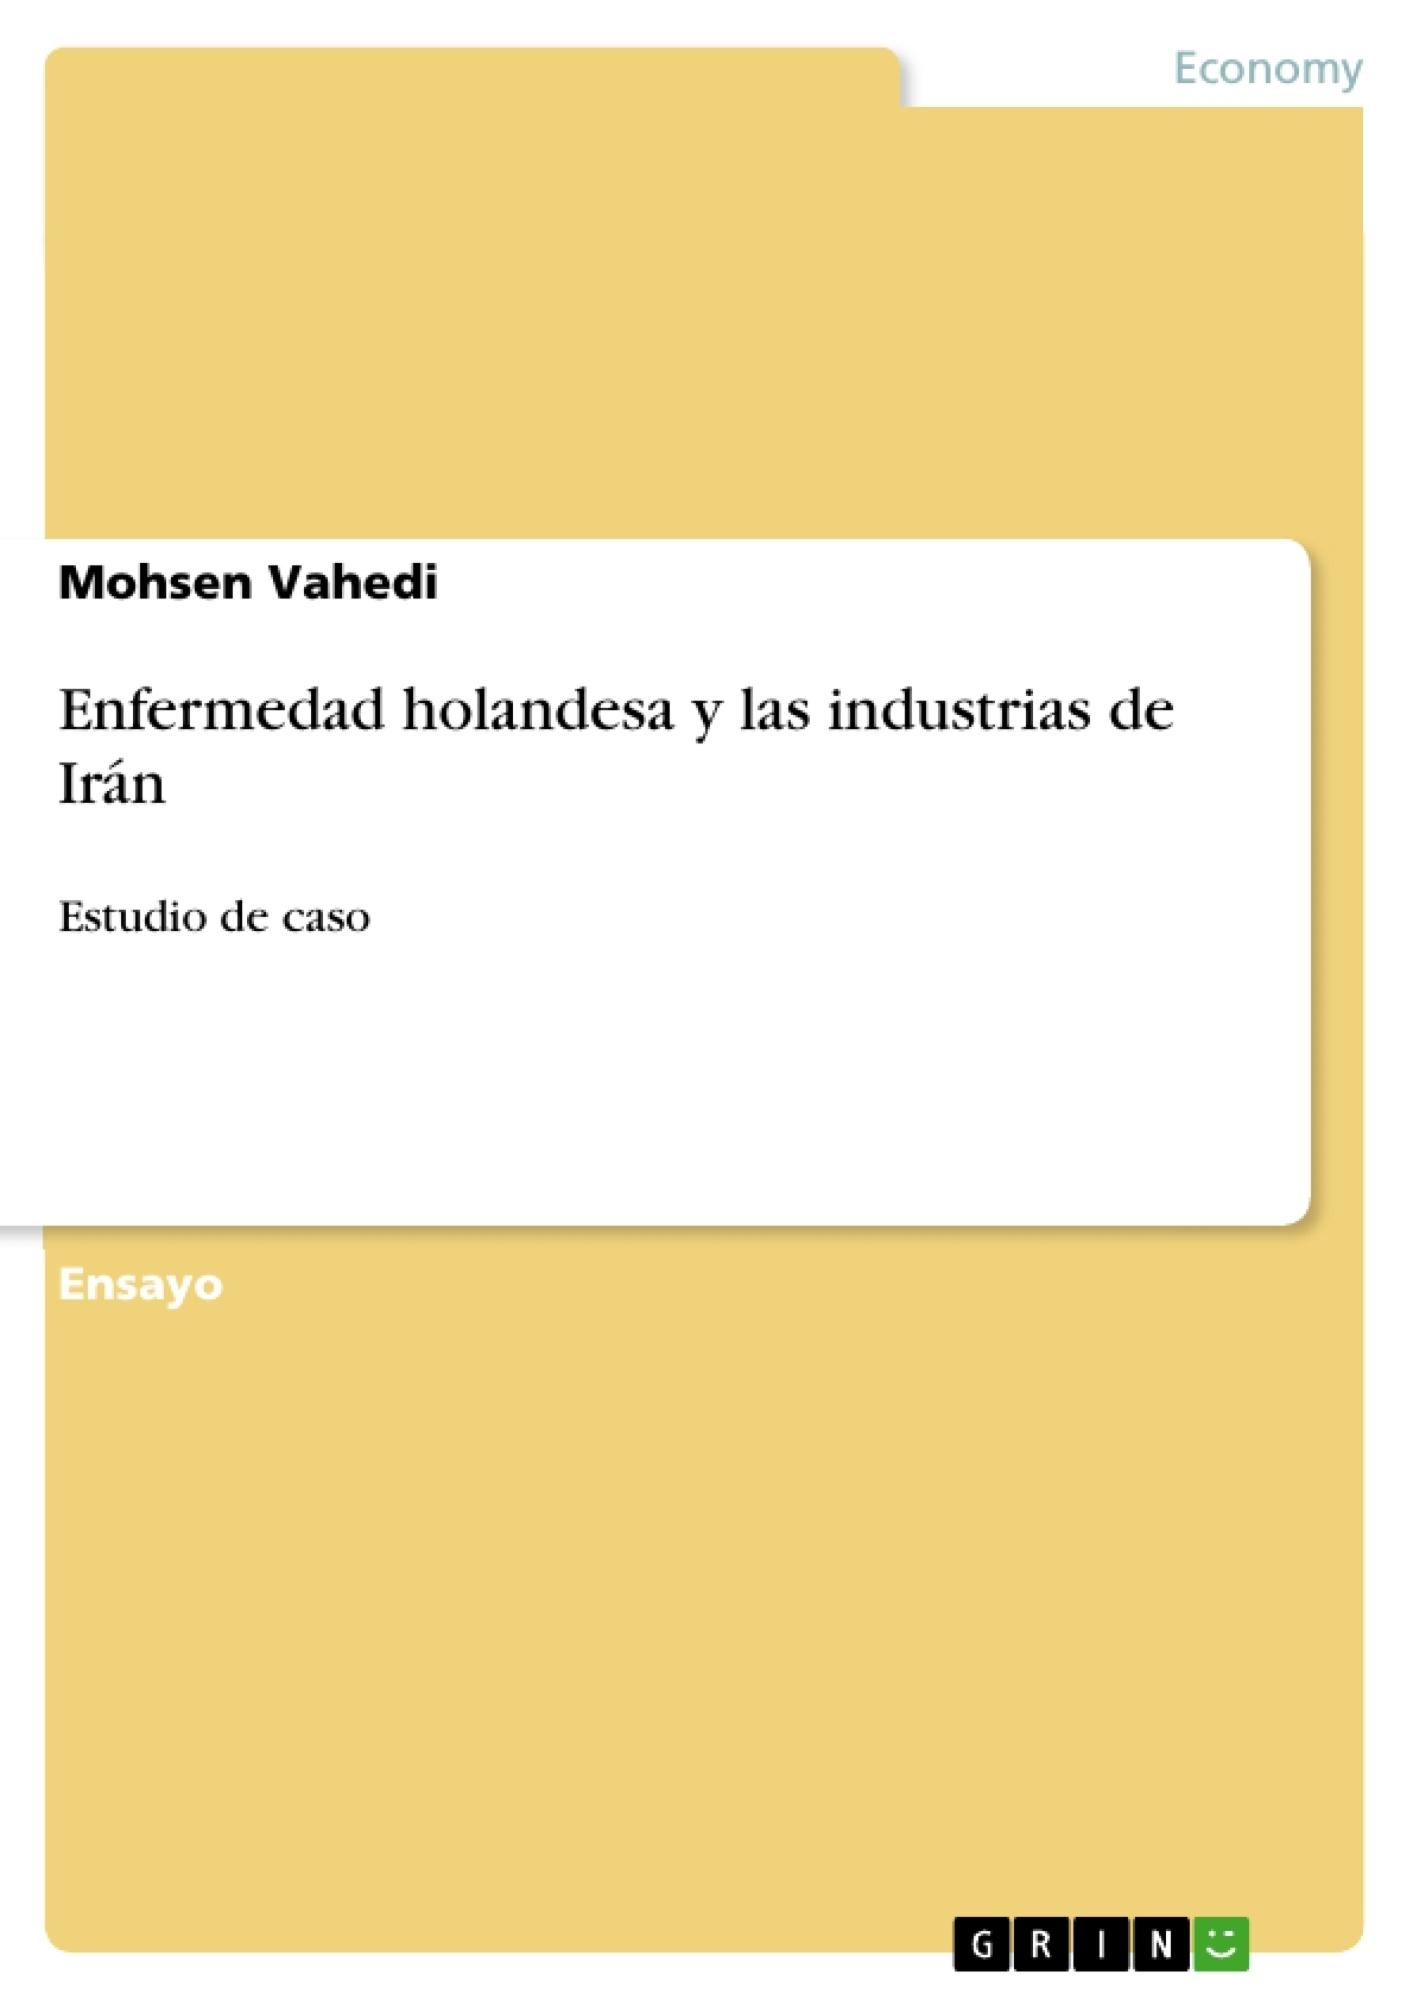 Título: Enfermedad holandesa y las industrias de Irán